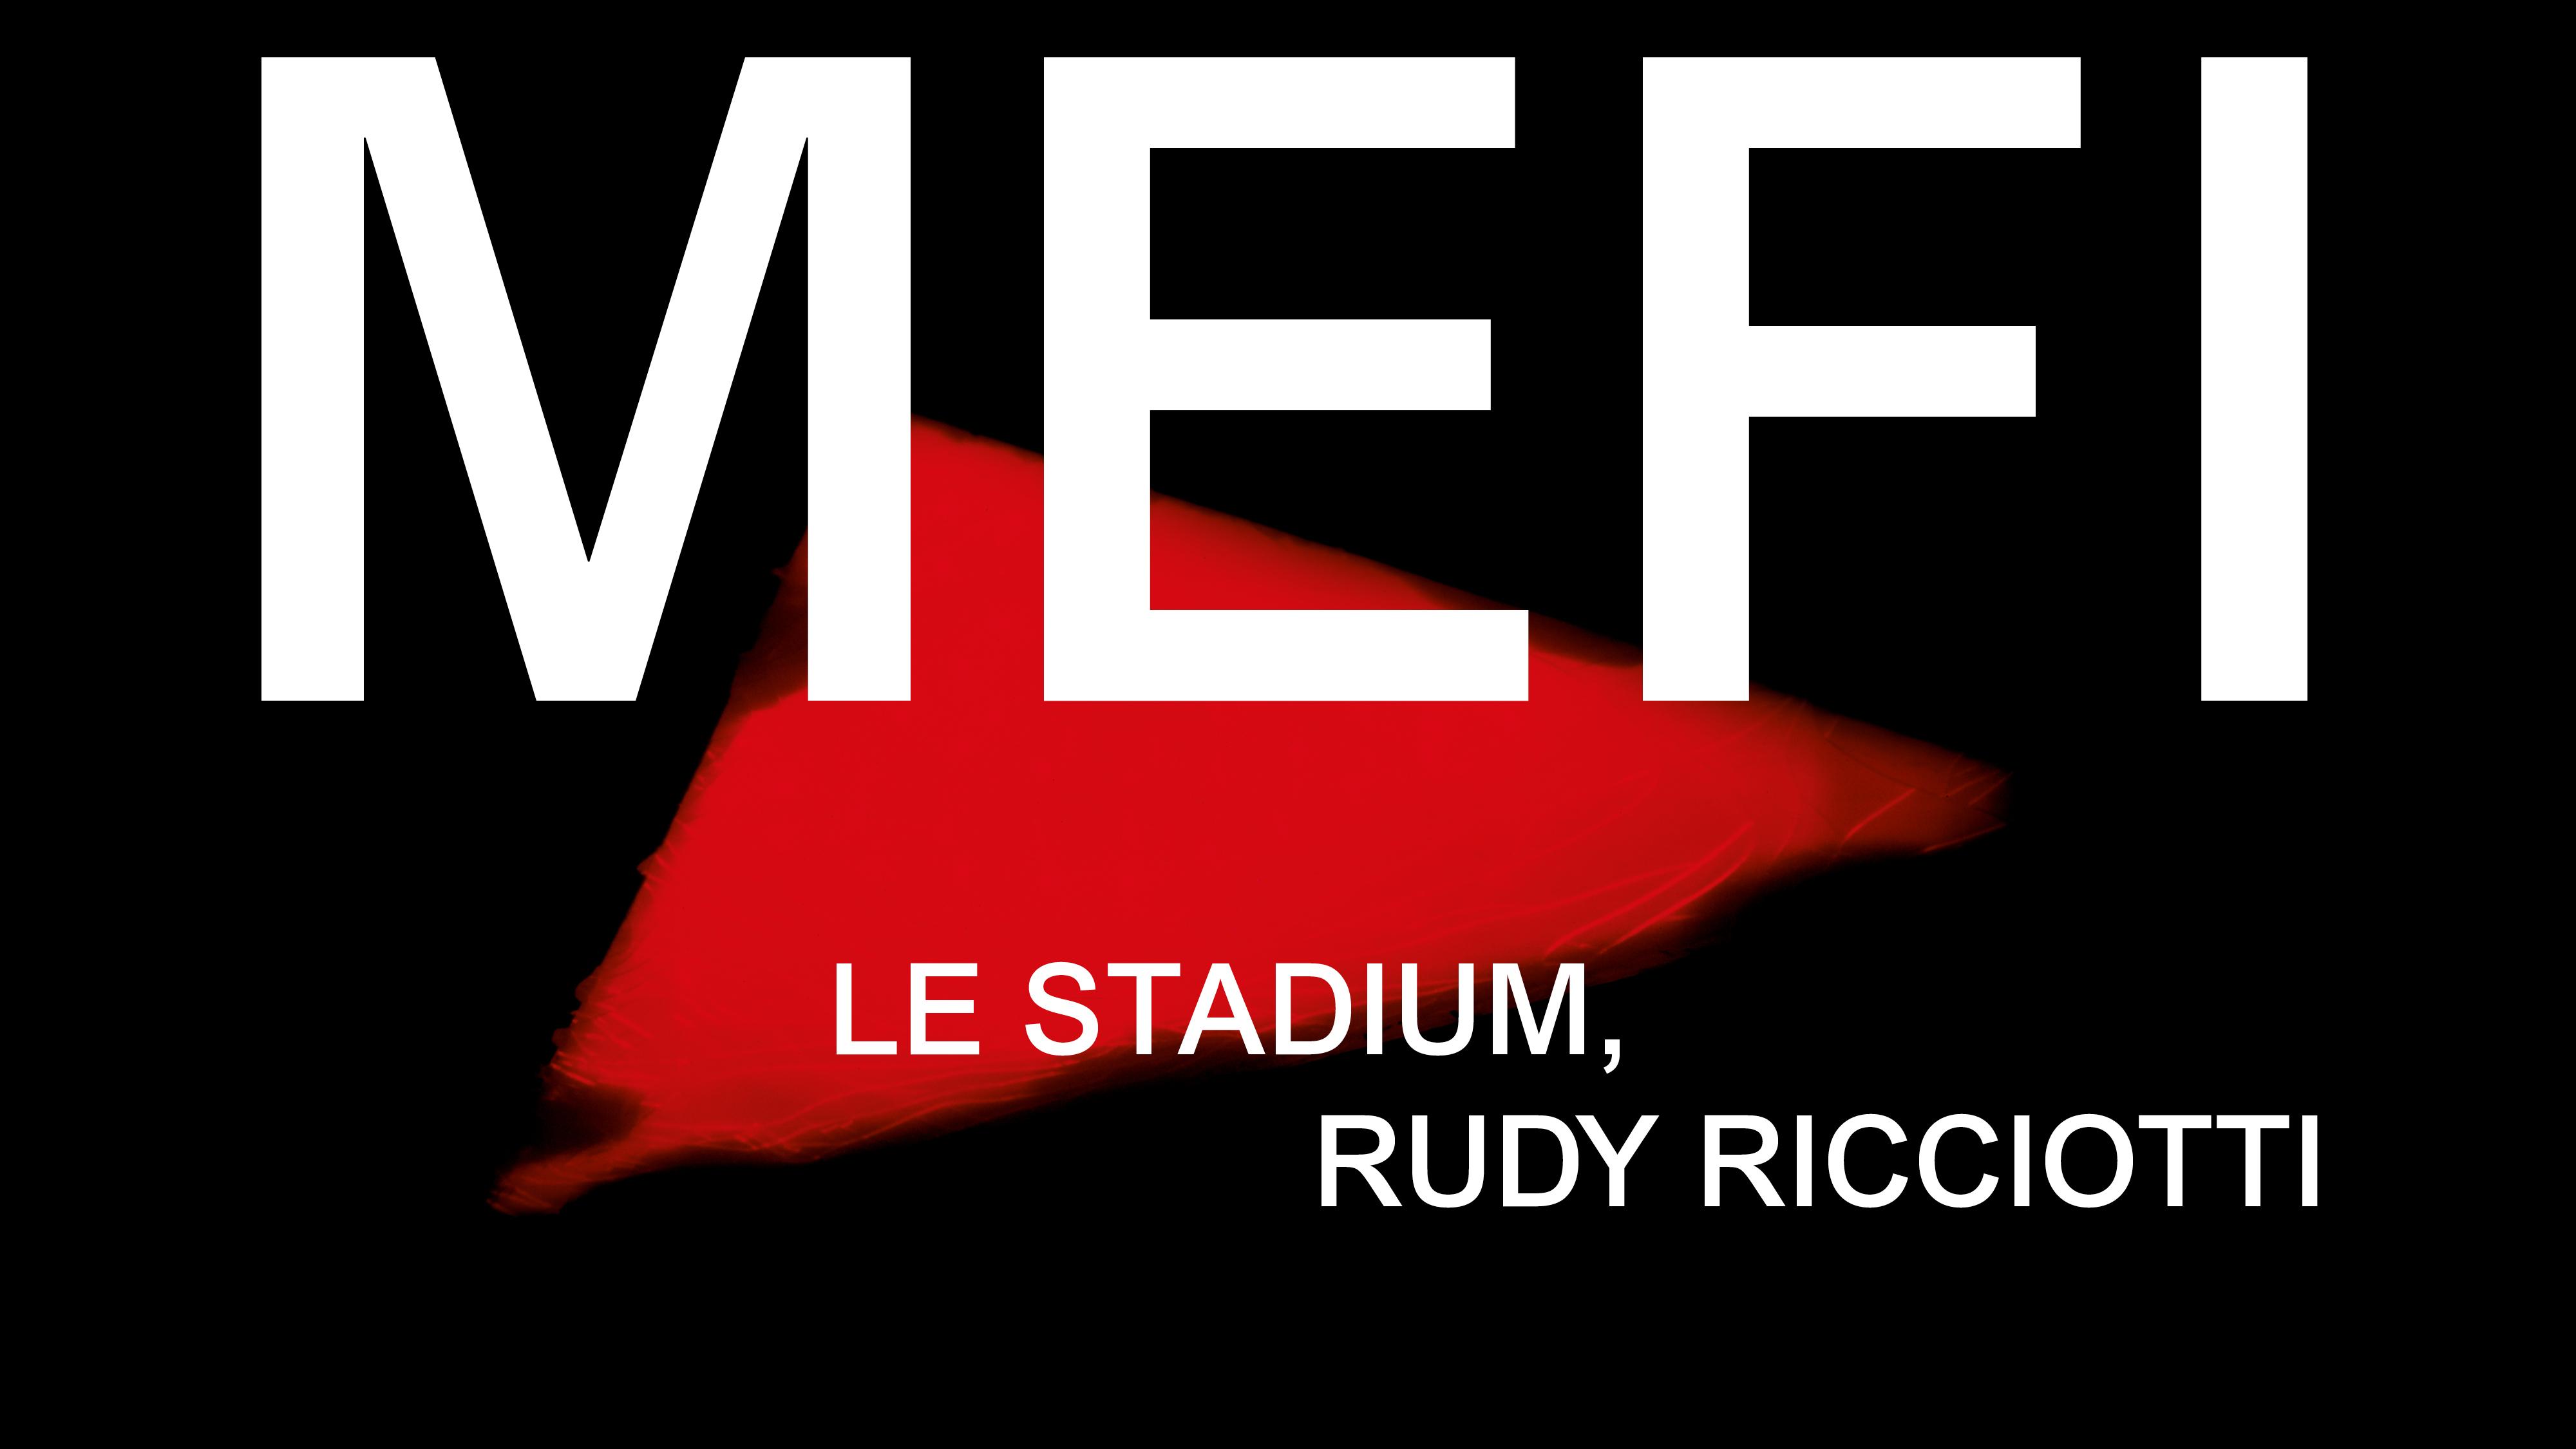 Exposition MEFI LES STADIUM RUDY RICCIOTTI